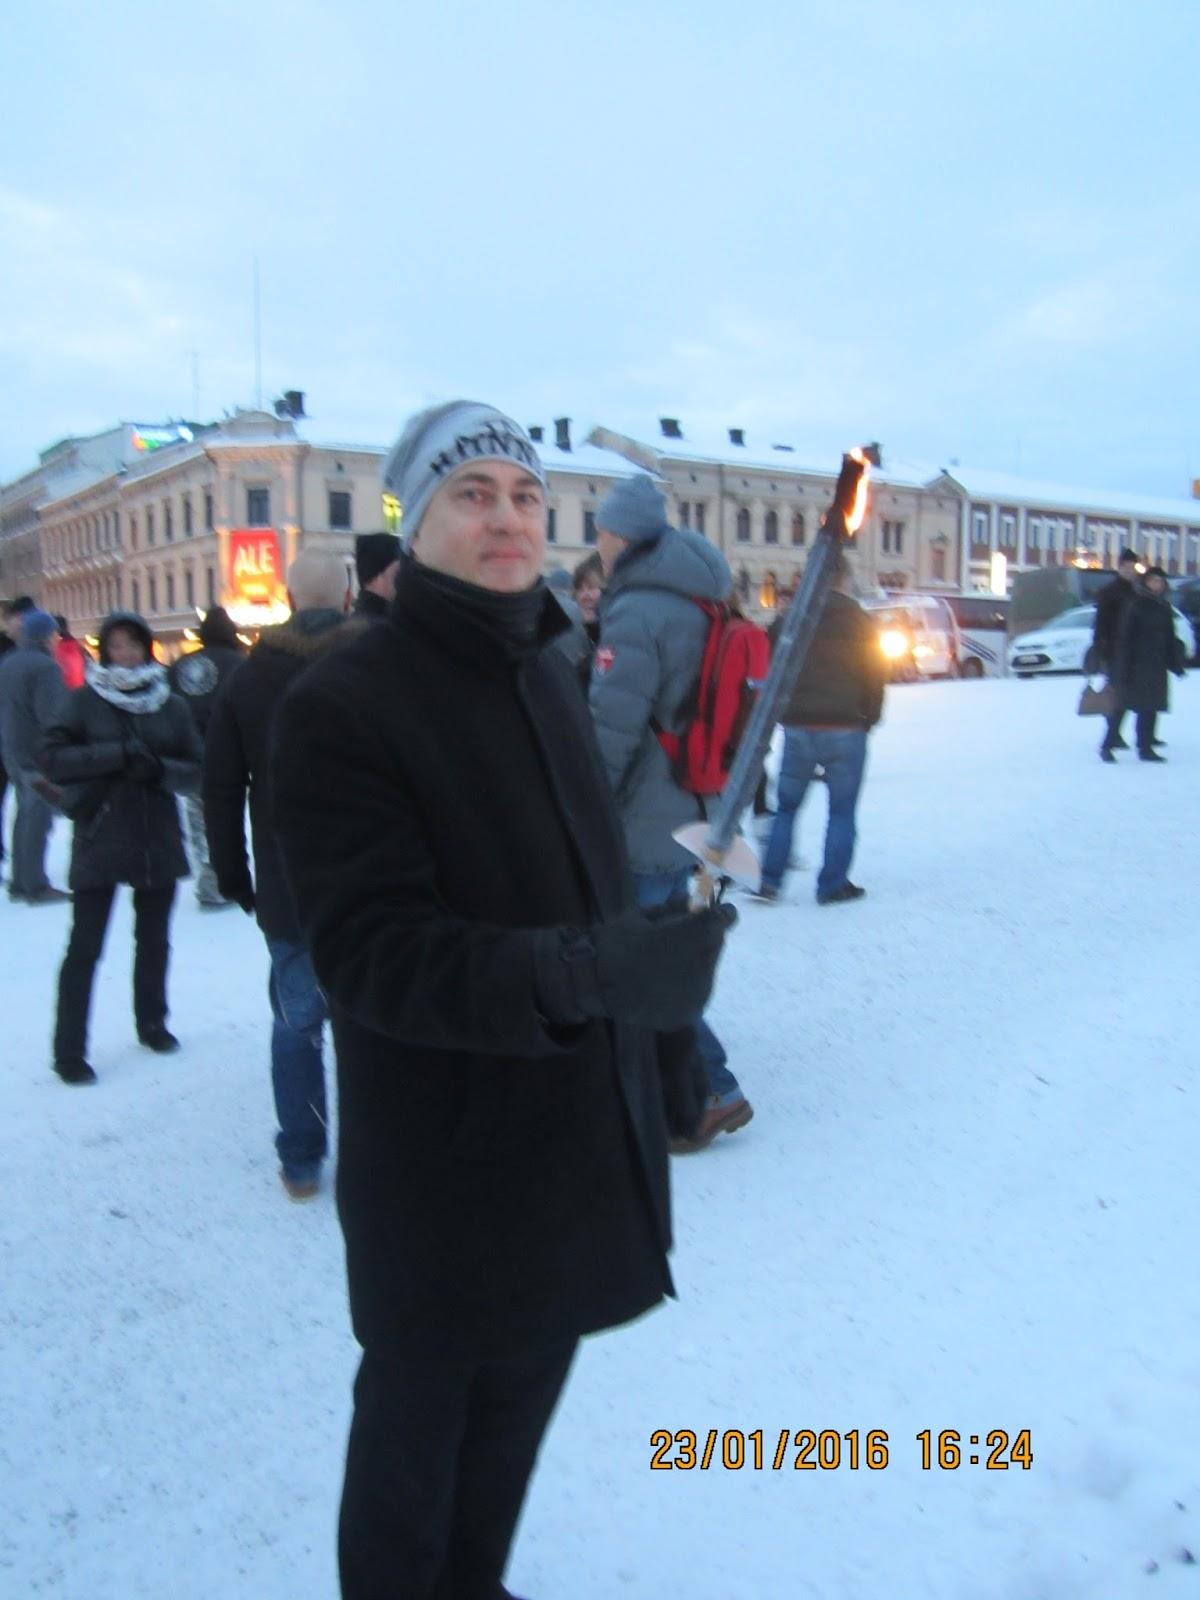 Keskustelua islamista maahanmuutosta ei Suomessa sallita erilaisten KGB-kytköshyysärien toimin